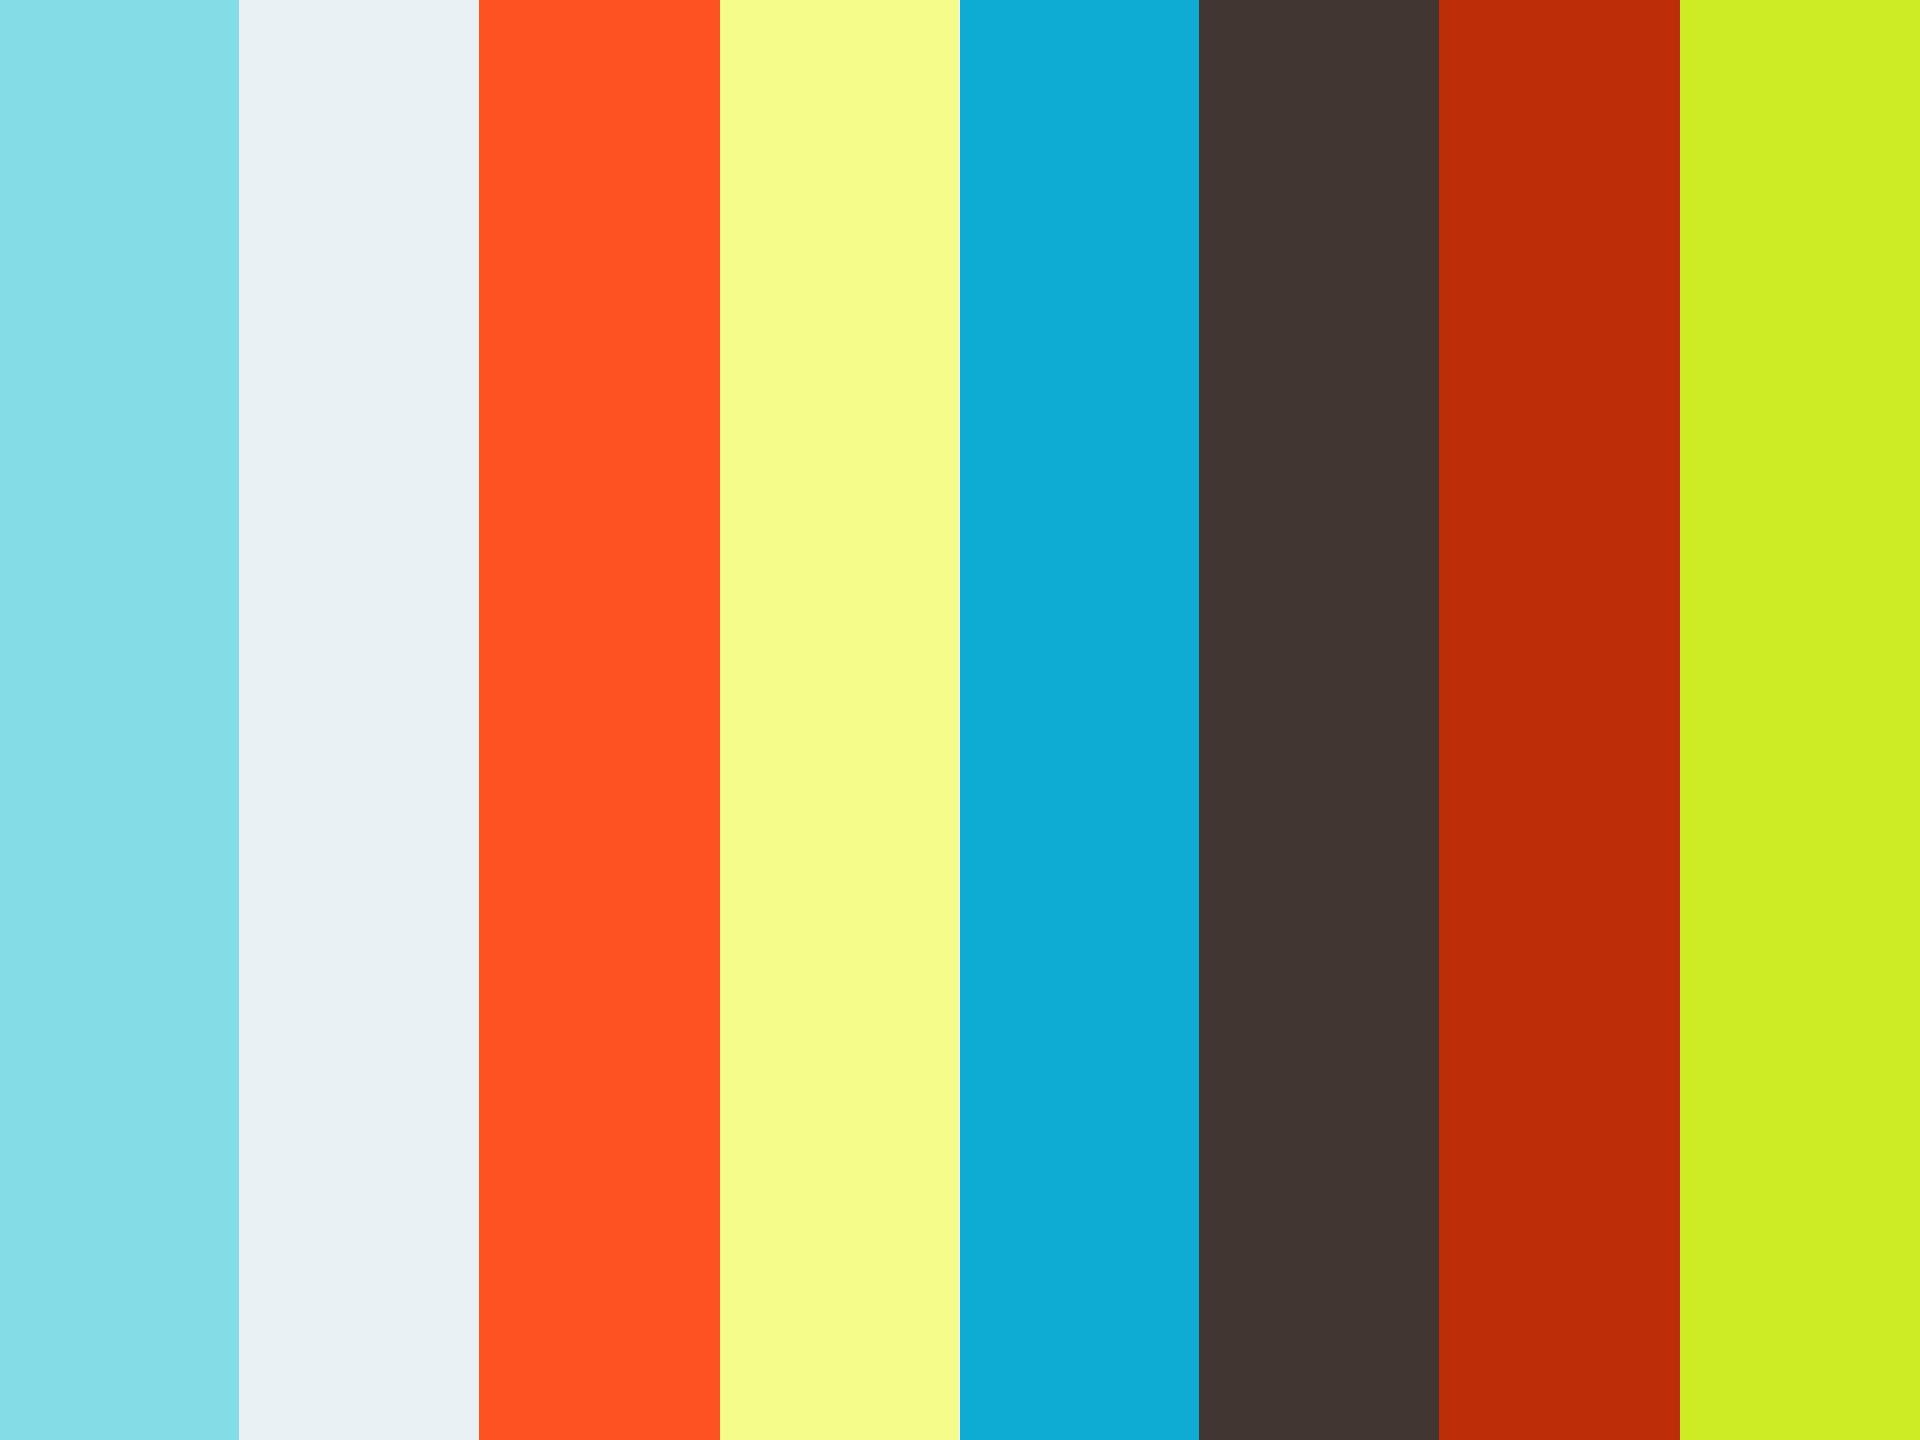 【配信】「超高齢社会に対応した未来志向パーシャルデンチャー」亀田 行雄先生クリニカル・カンファレンス